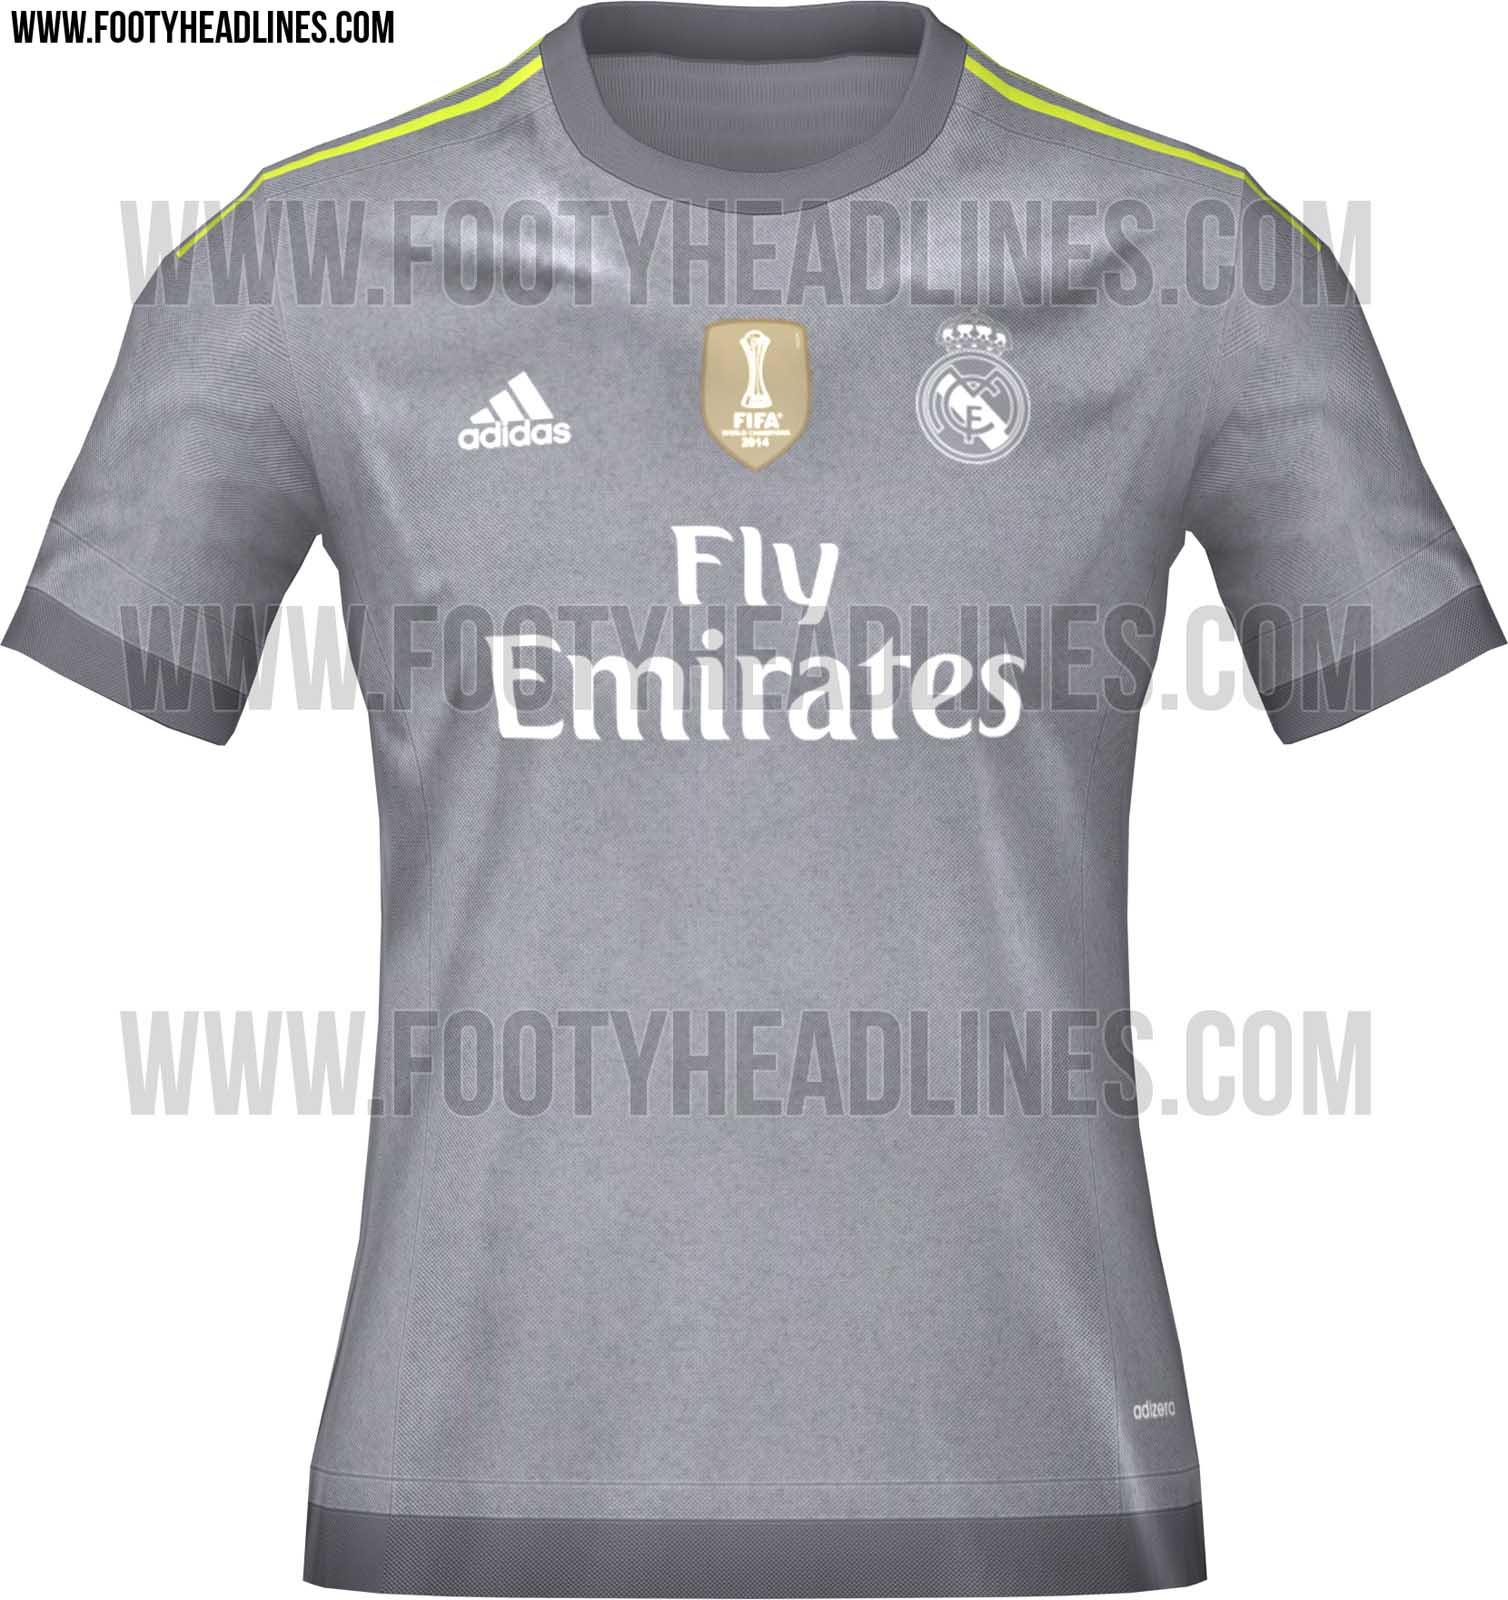 Manchester United Kits 2014/15